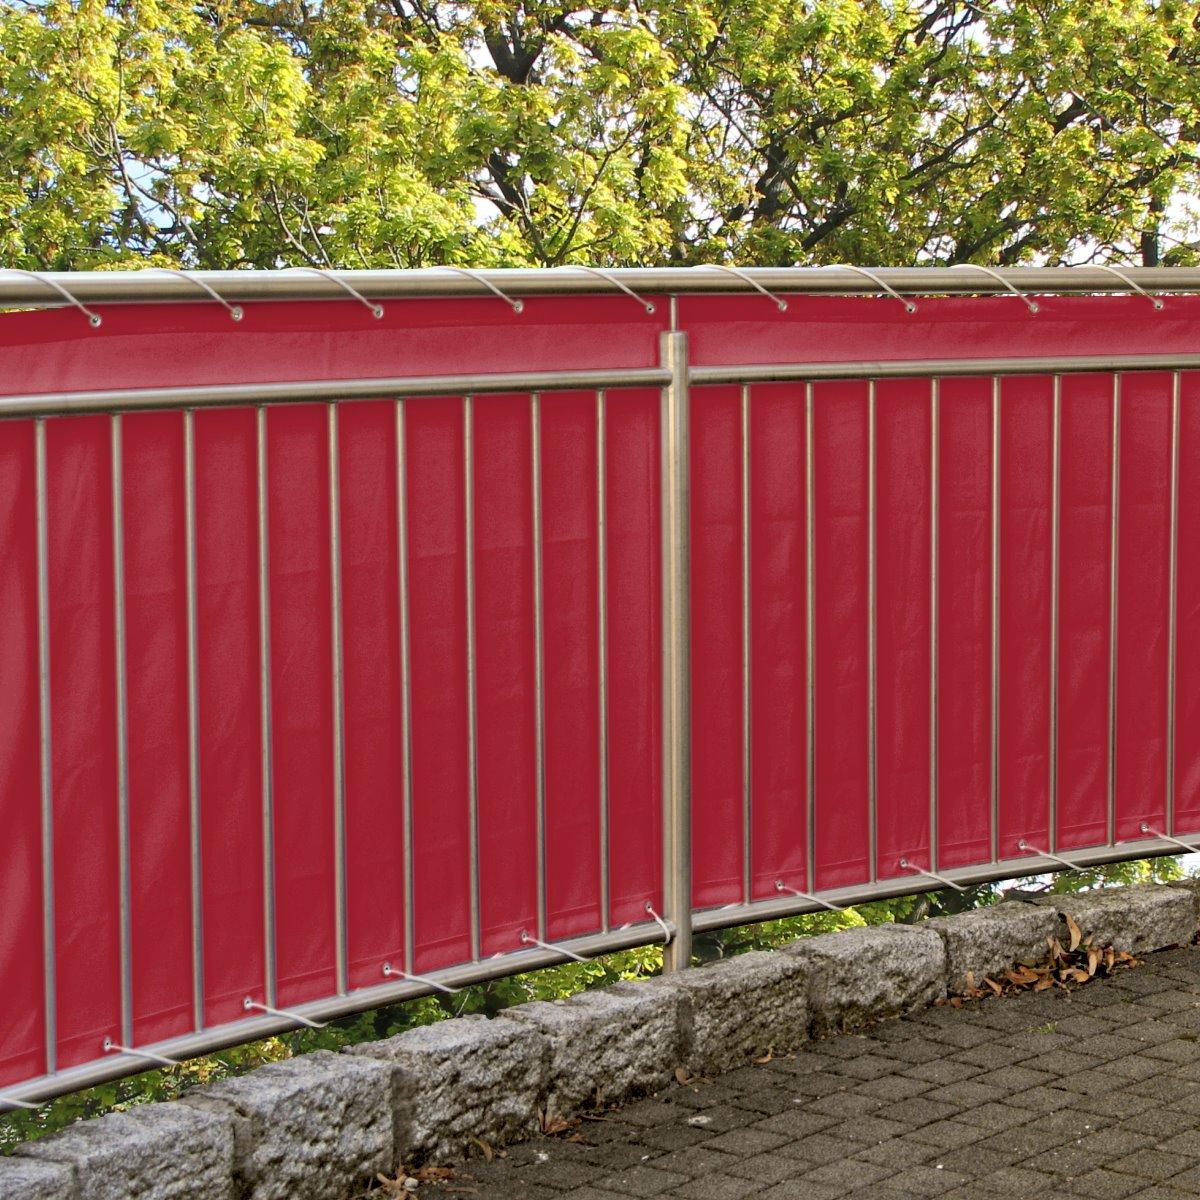 Amazon Balkonsichtschutz Rot Windschutz Sichtschutz 600 x 90